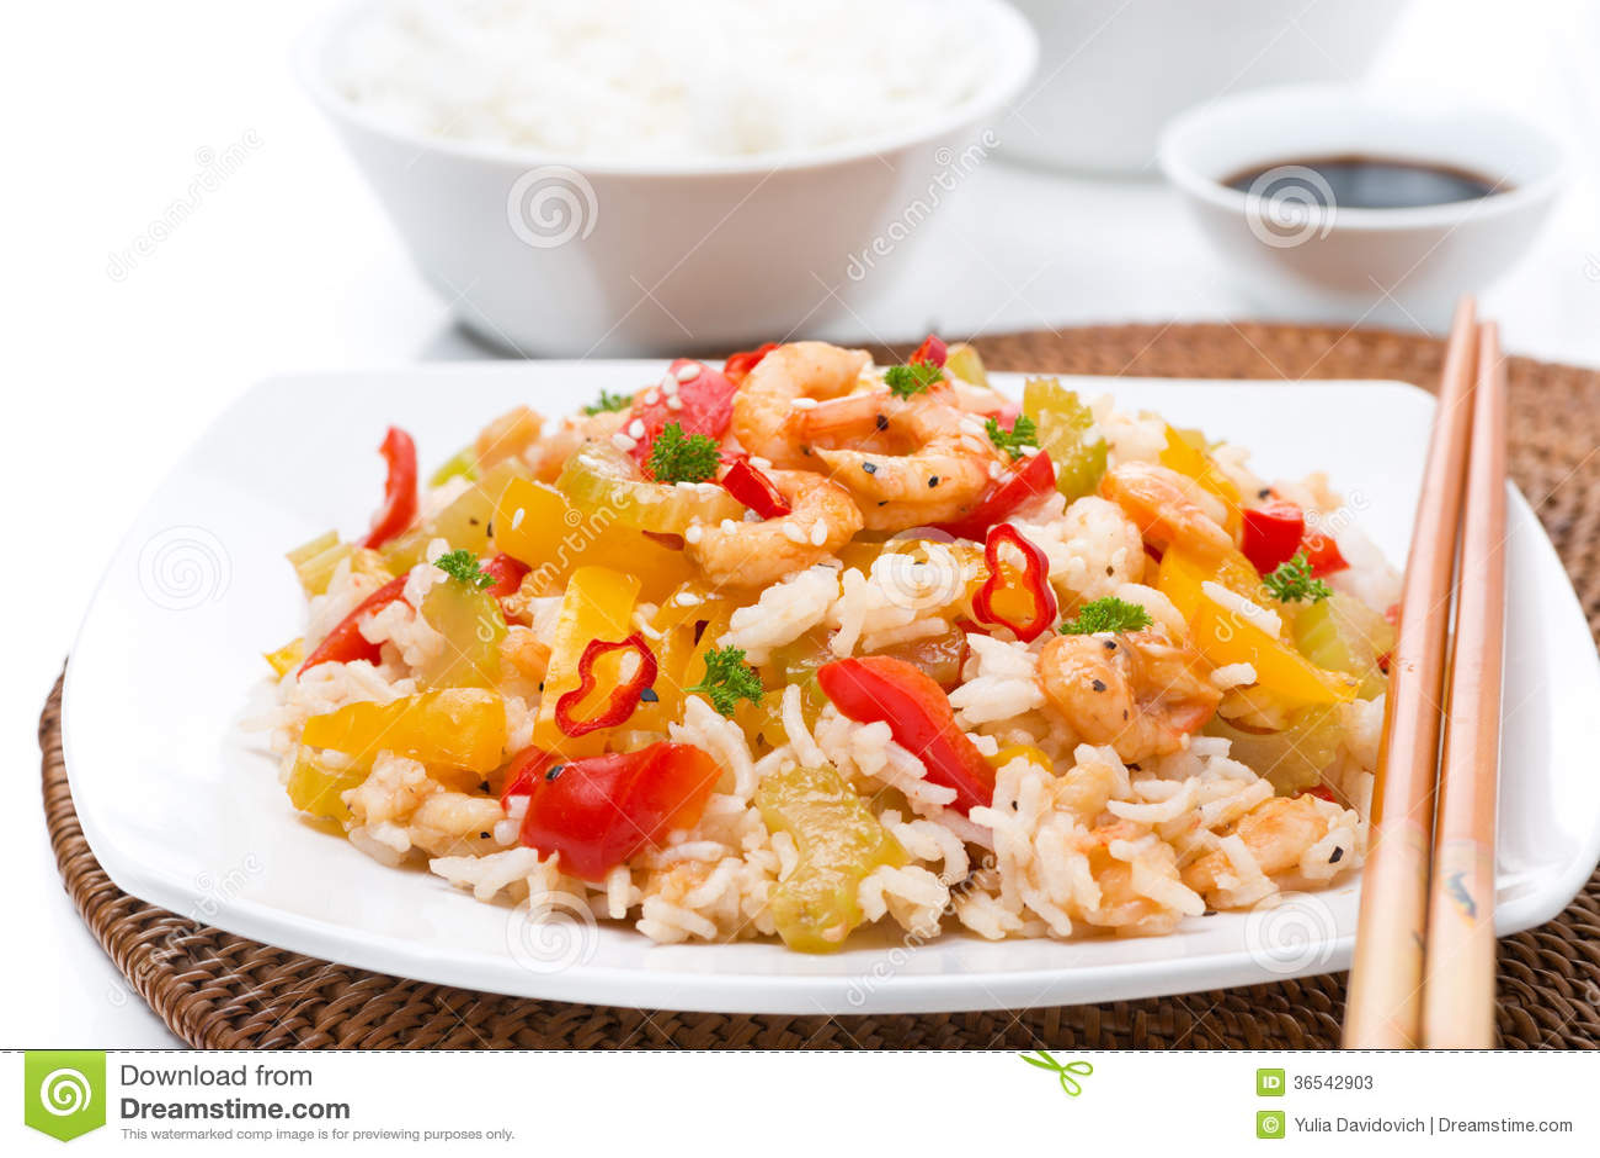 Рис с овощами рецепт пошаговый